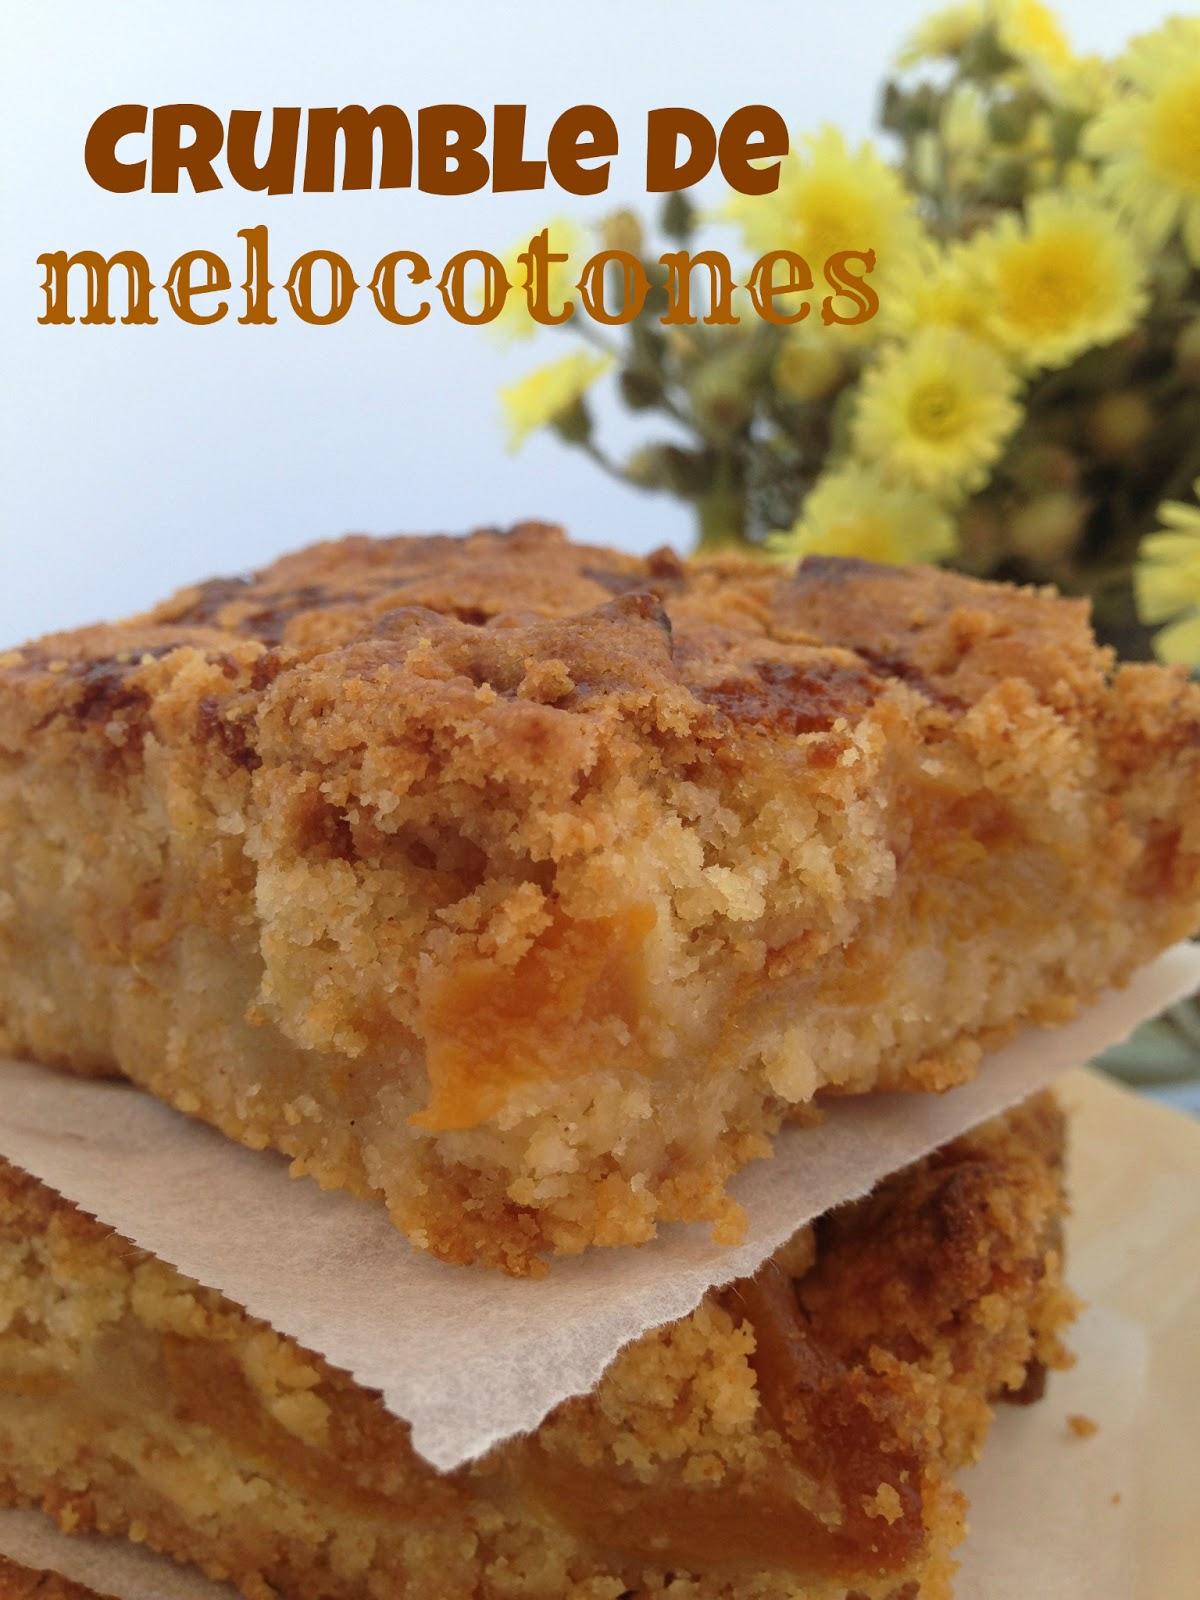 peaches-crumble, crumble-de-melocotones